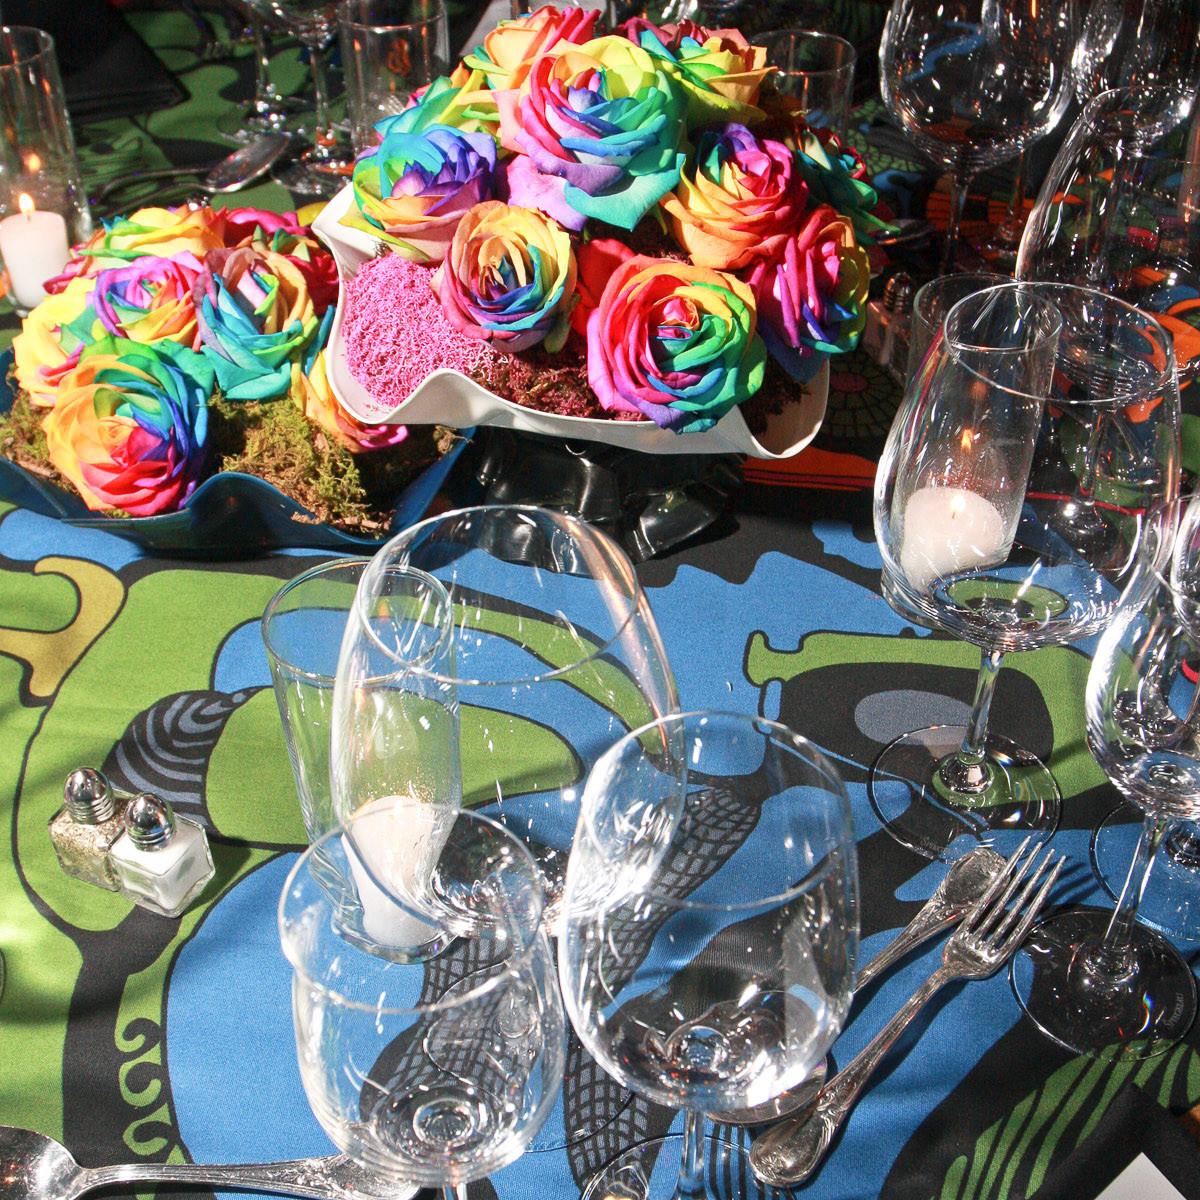 News_Ballet Ball_Feb. 2010_decorations_007